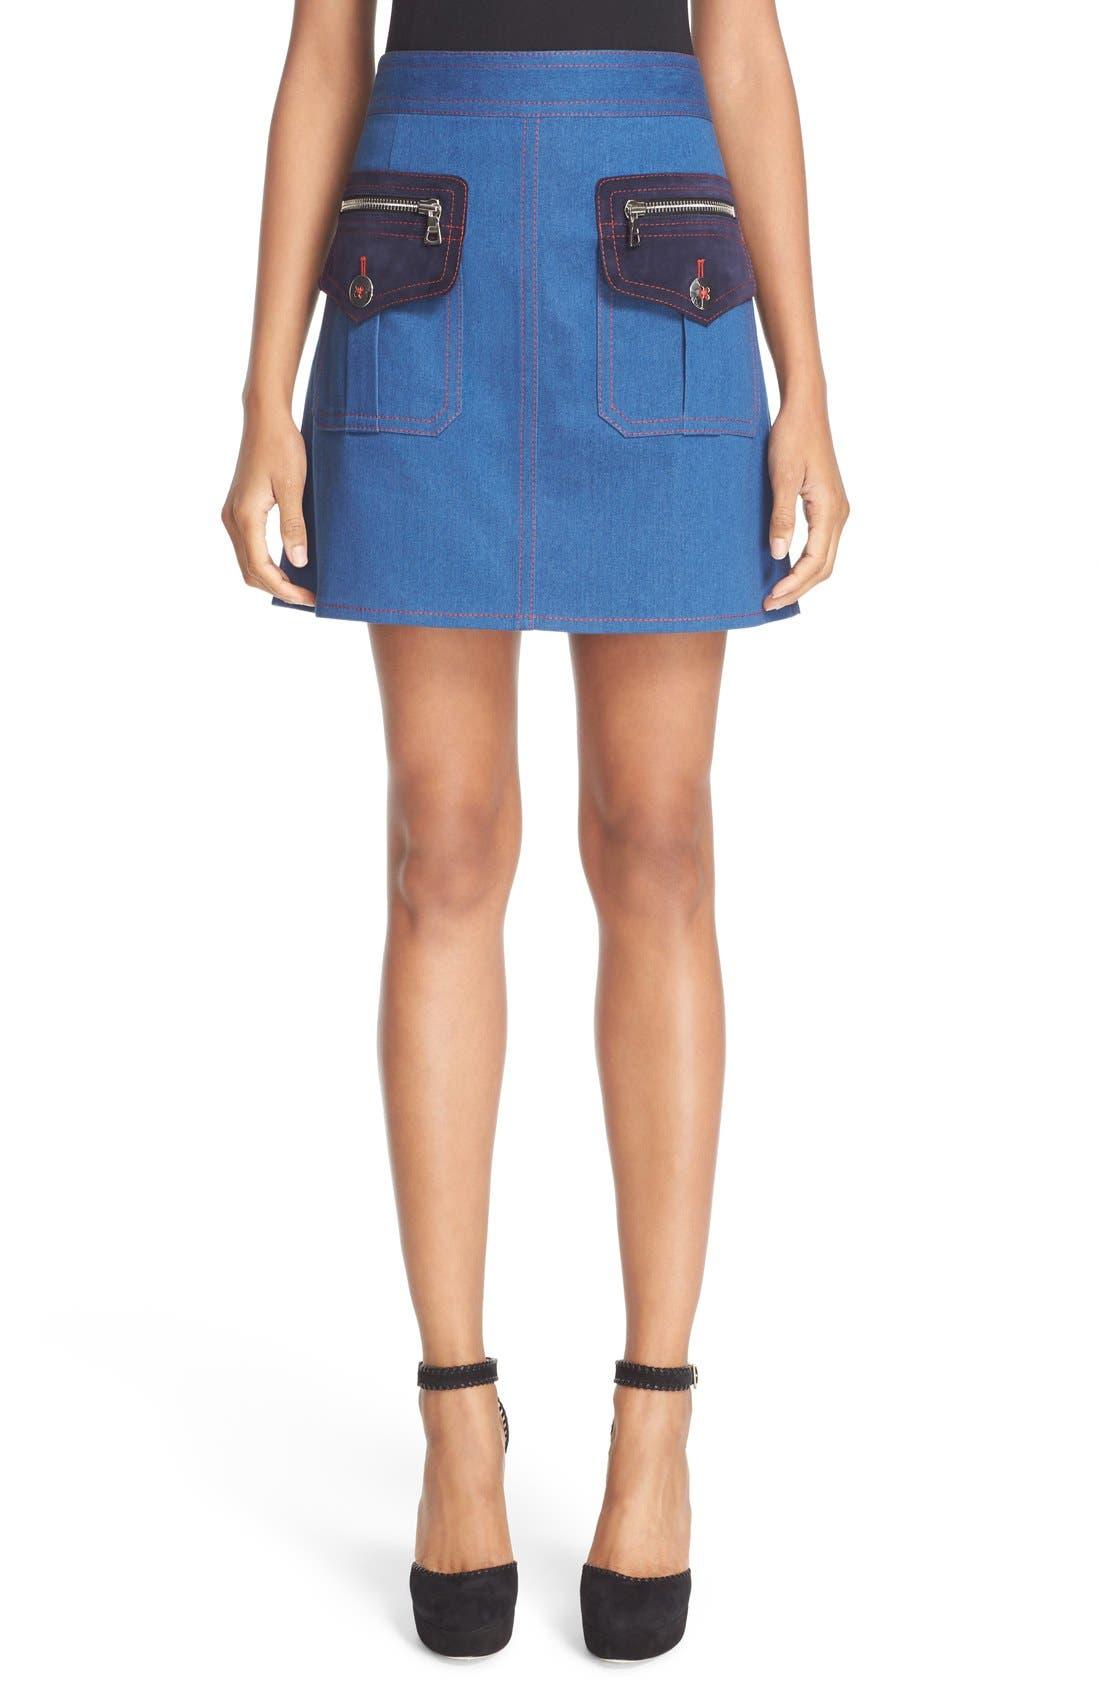 Alternate Image 1 Selected - MARC JACOBS Patch Pocket Denim Skirt